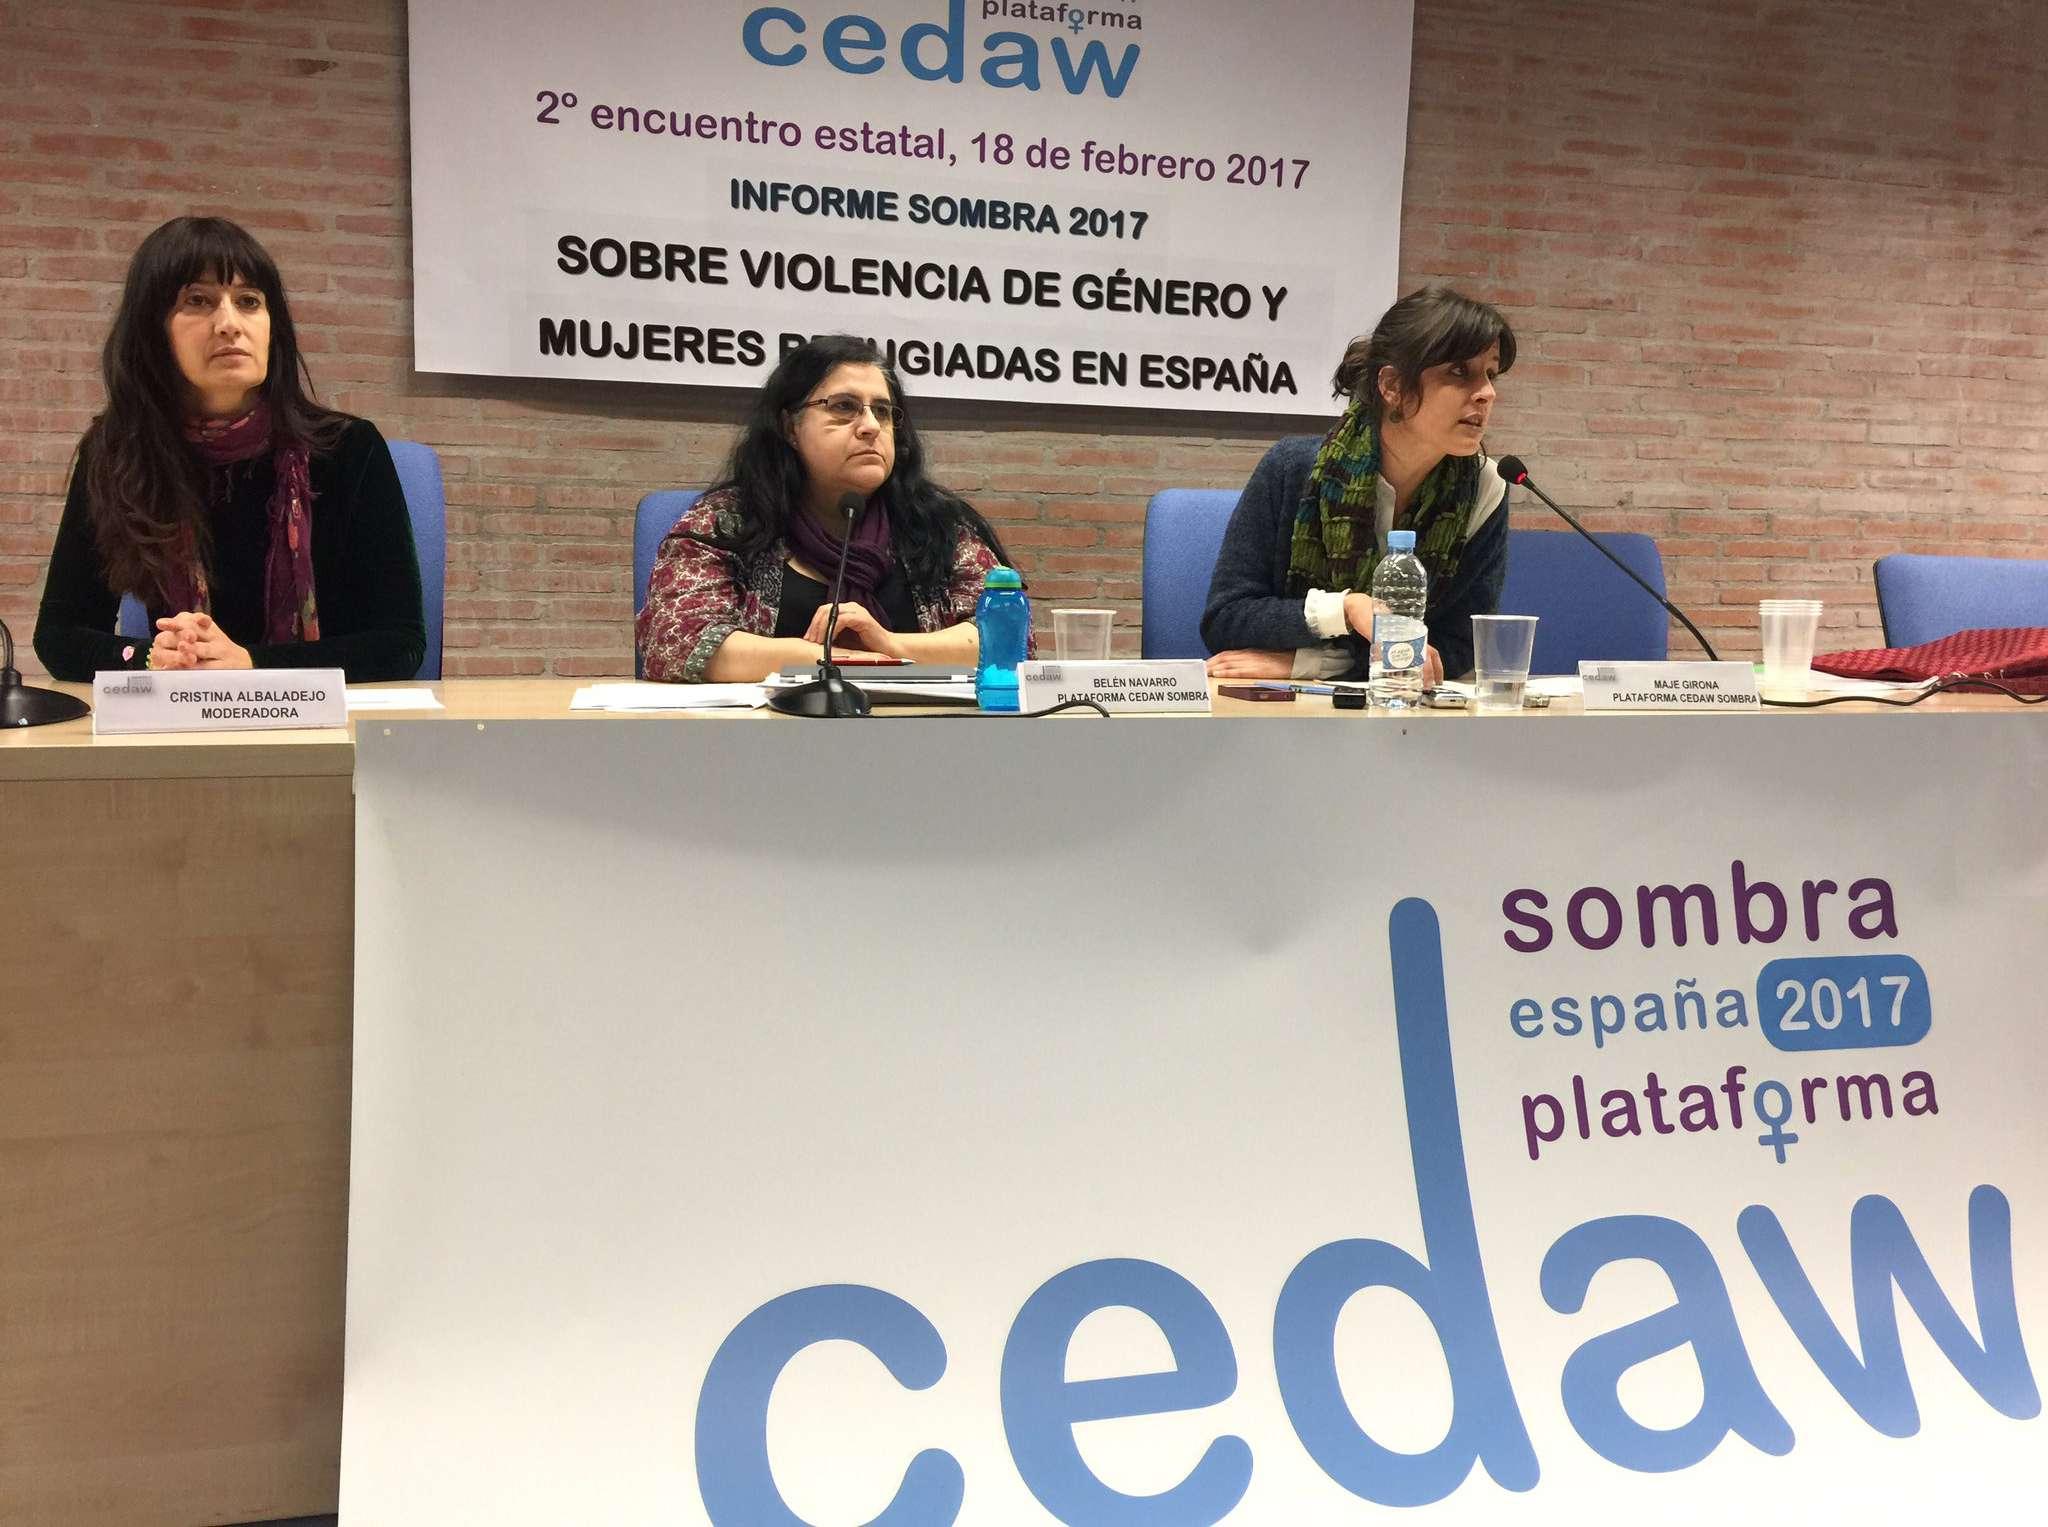 USO Cedaw Sombra 2017 Belén Navarro y Cristina Albaladejo